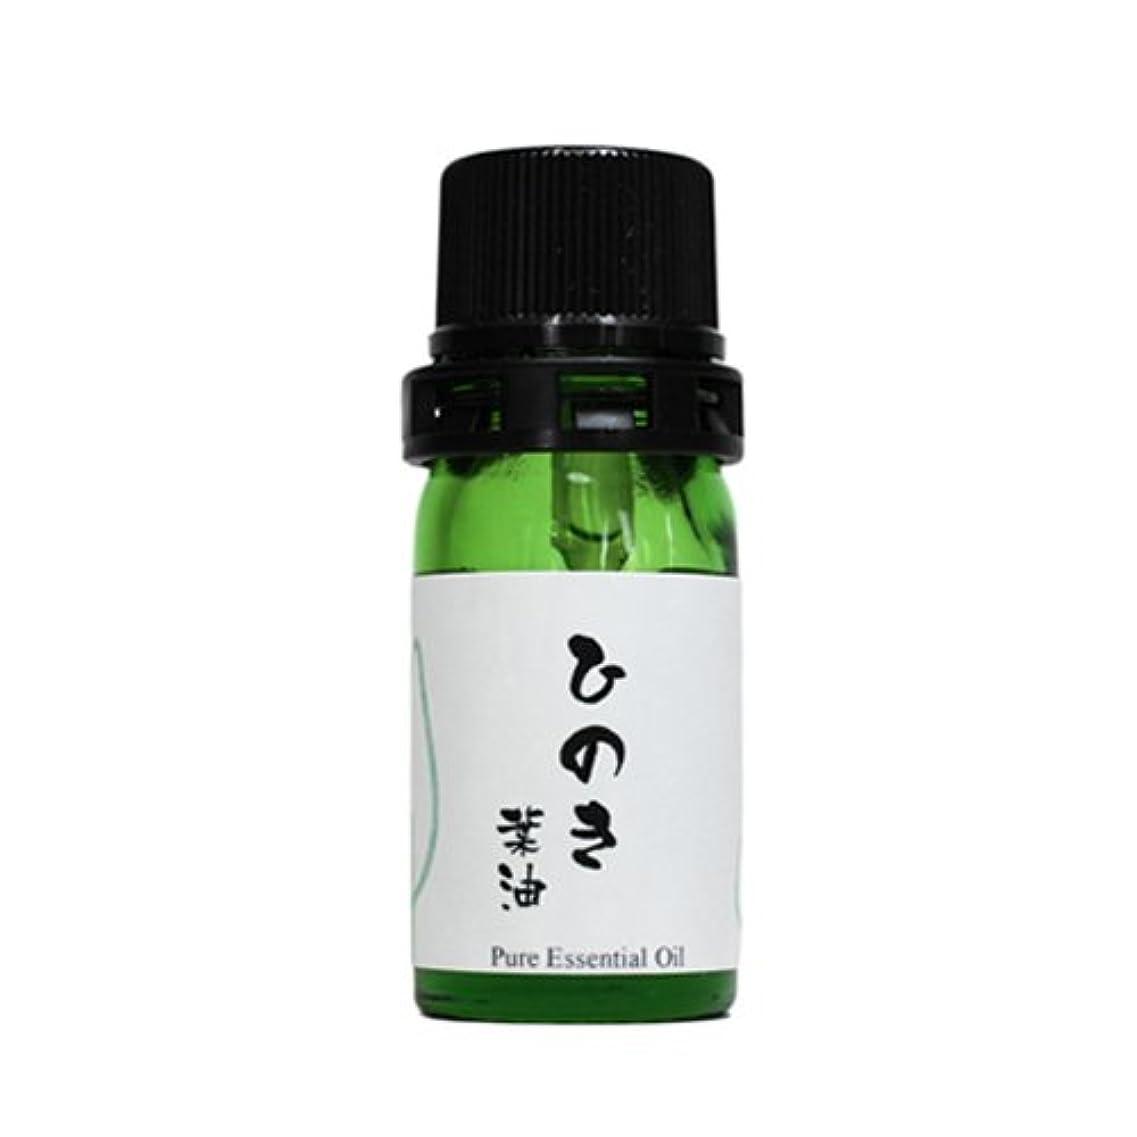 レオナルドダ思い出させる電子レンジ和精油 ひのき葉油(紀伊半島産) エッセンシャルオイル 5ml